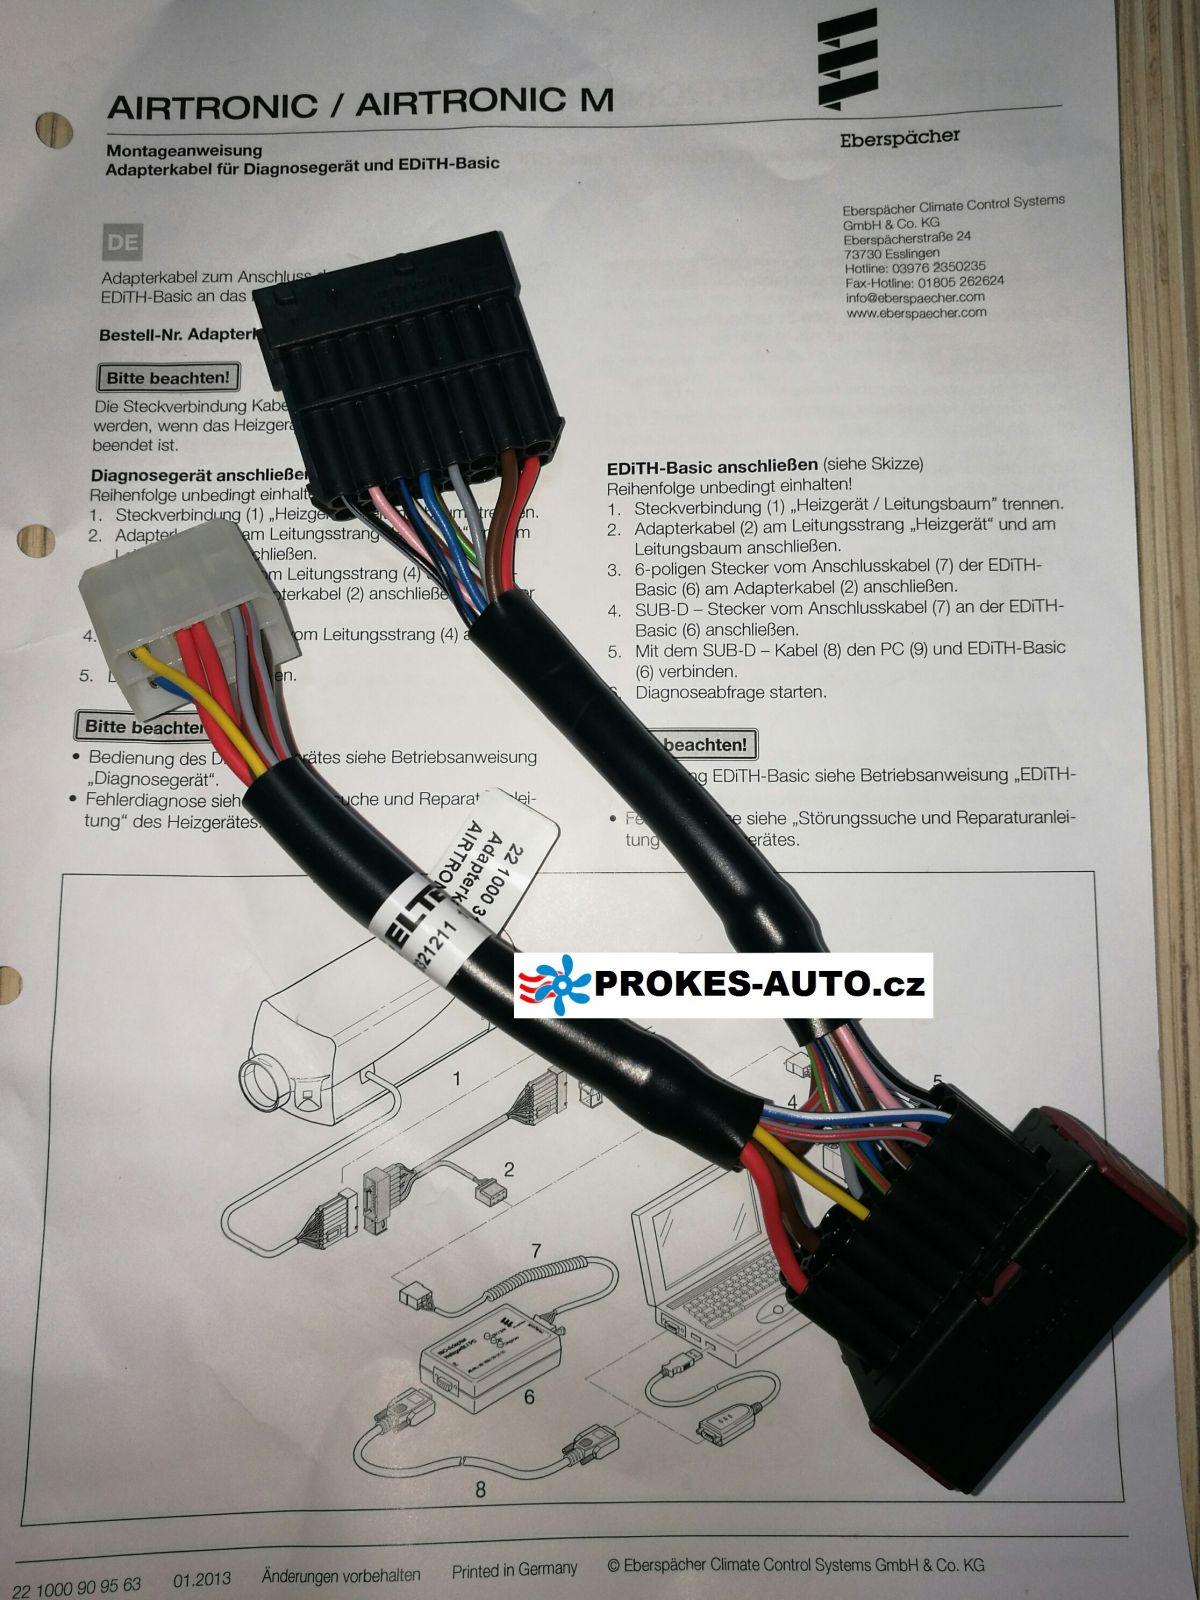 Leitungsbaum Adapter Diagnostic Kabel Airtronic D2 / D4 / 221000318600 Eberspächer